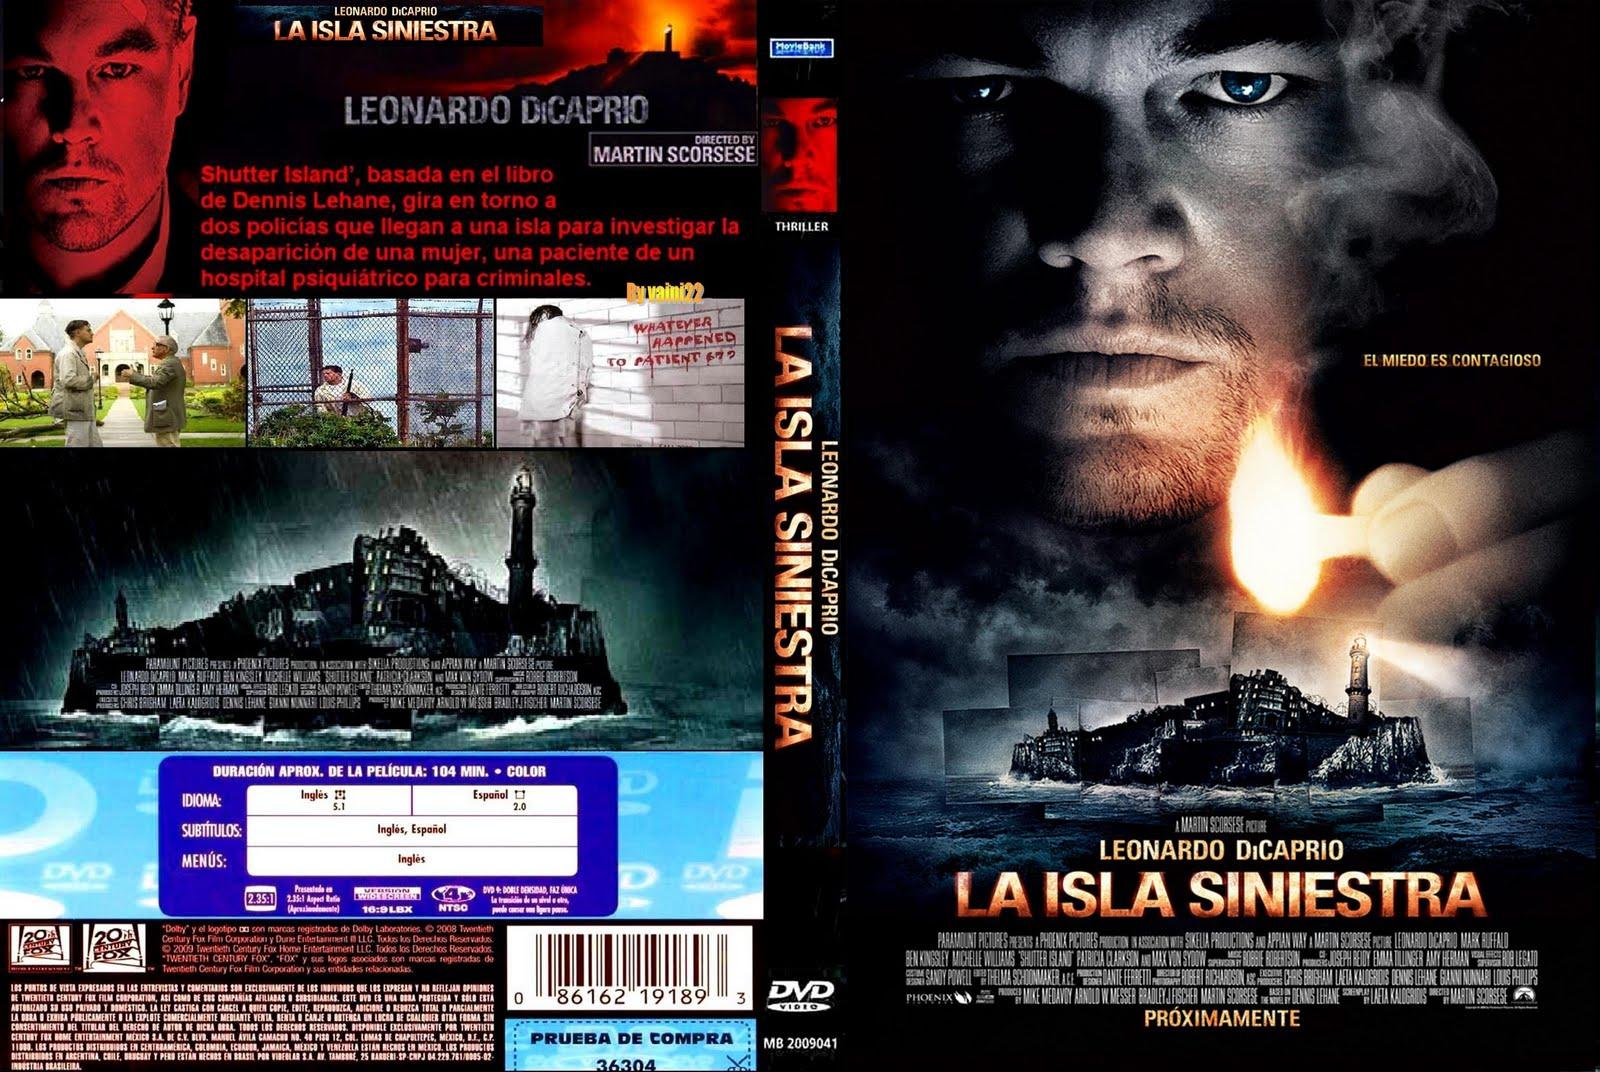 Peliculas Y Juegos Ps2 La Isla Siniestra